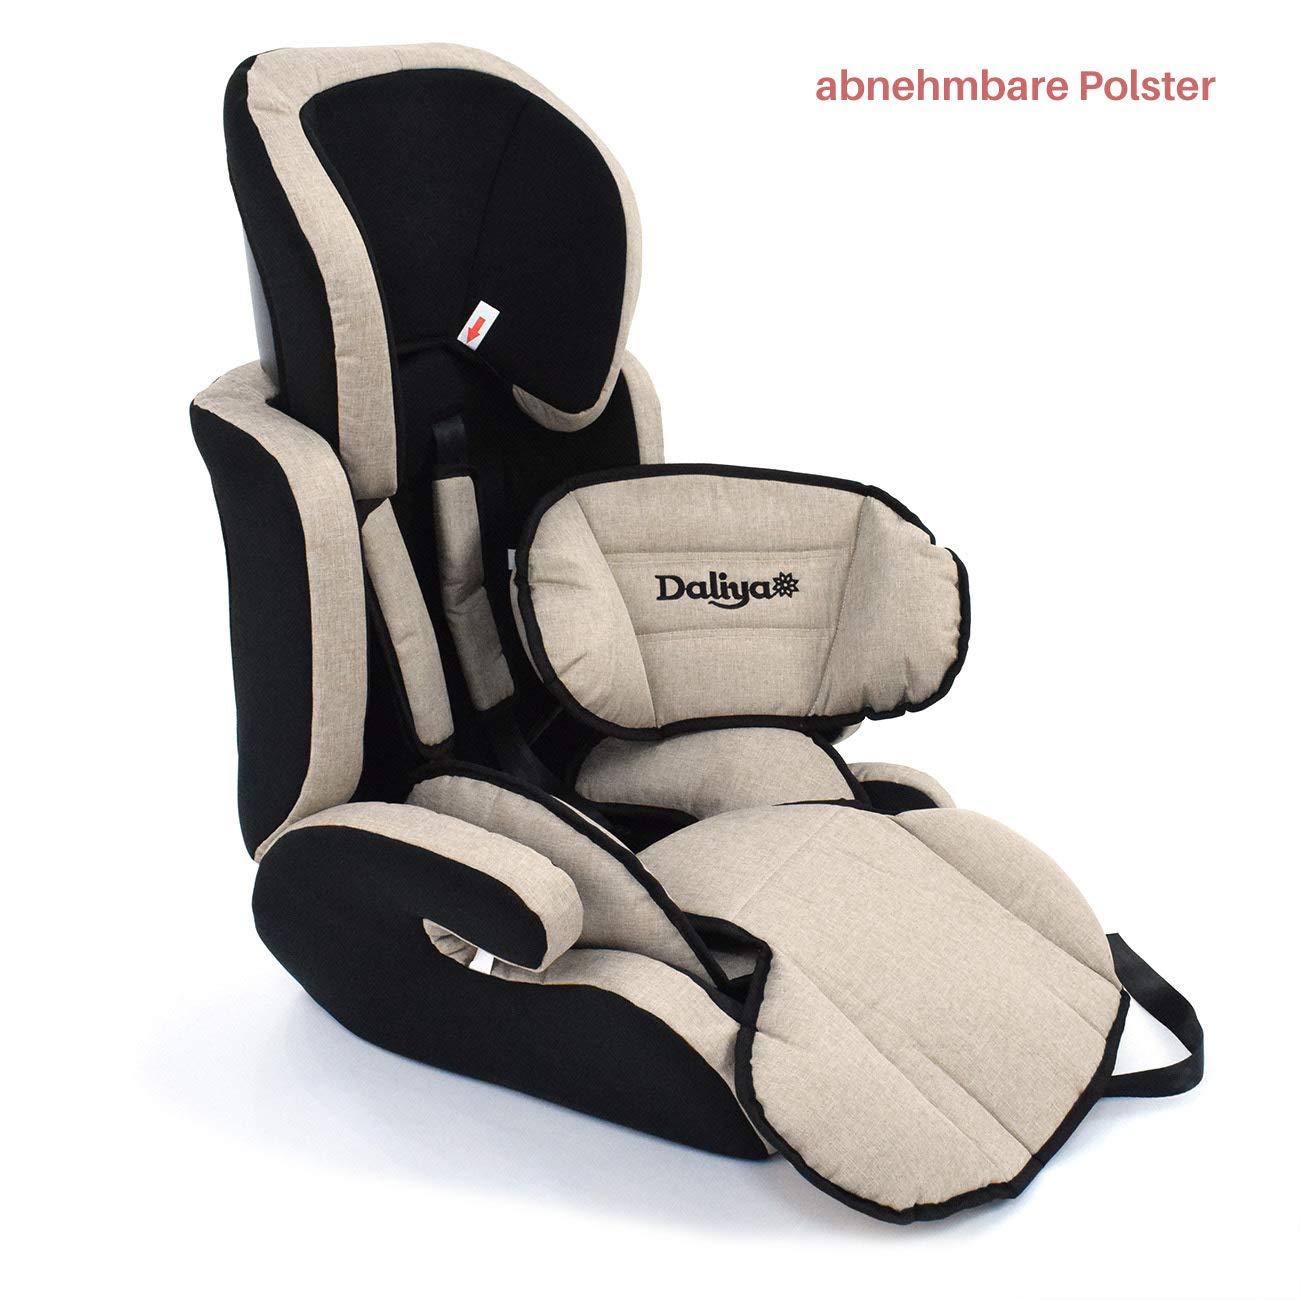 Schwarz Daliya mitwachsender Autokindersitz Autositz Kinderautositz 9-36kg Gruppe 1+2+3 ECE R 44//04 Beige